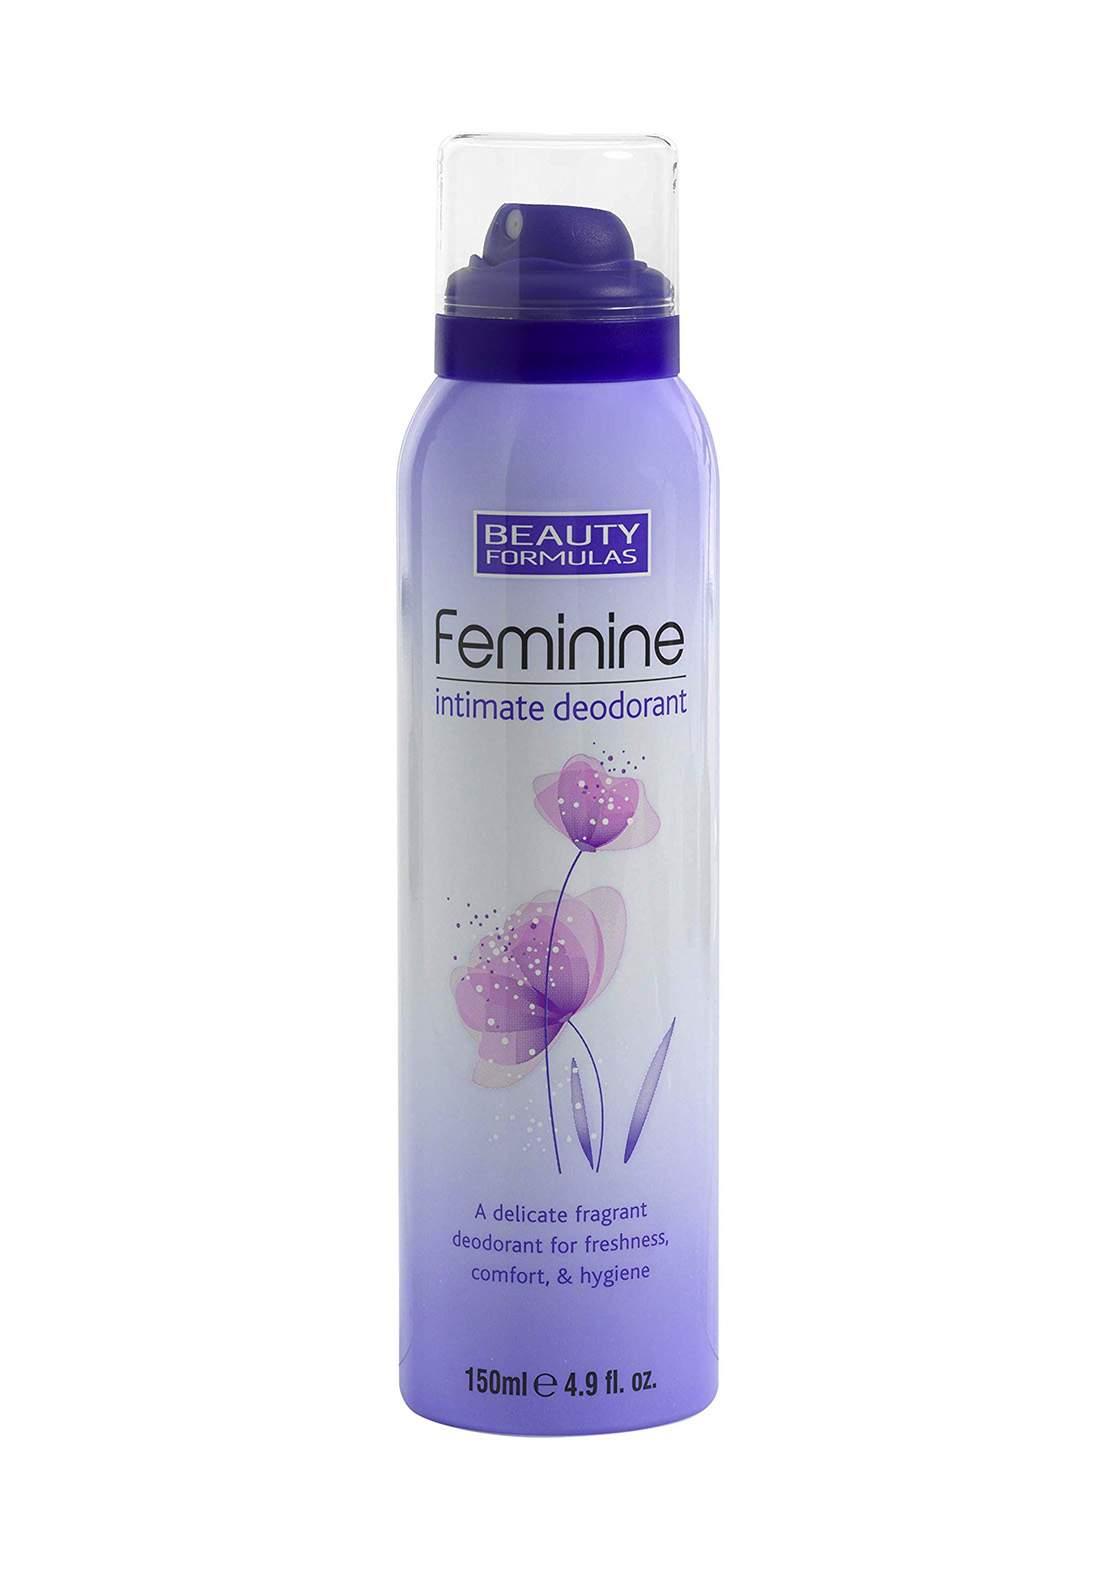 Beauty Formulas Feminine Intimate Deodorant 150ml مزيل لرائحة التعرق للمناطق الحساسة